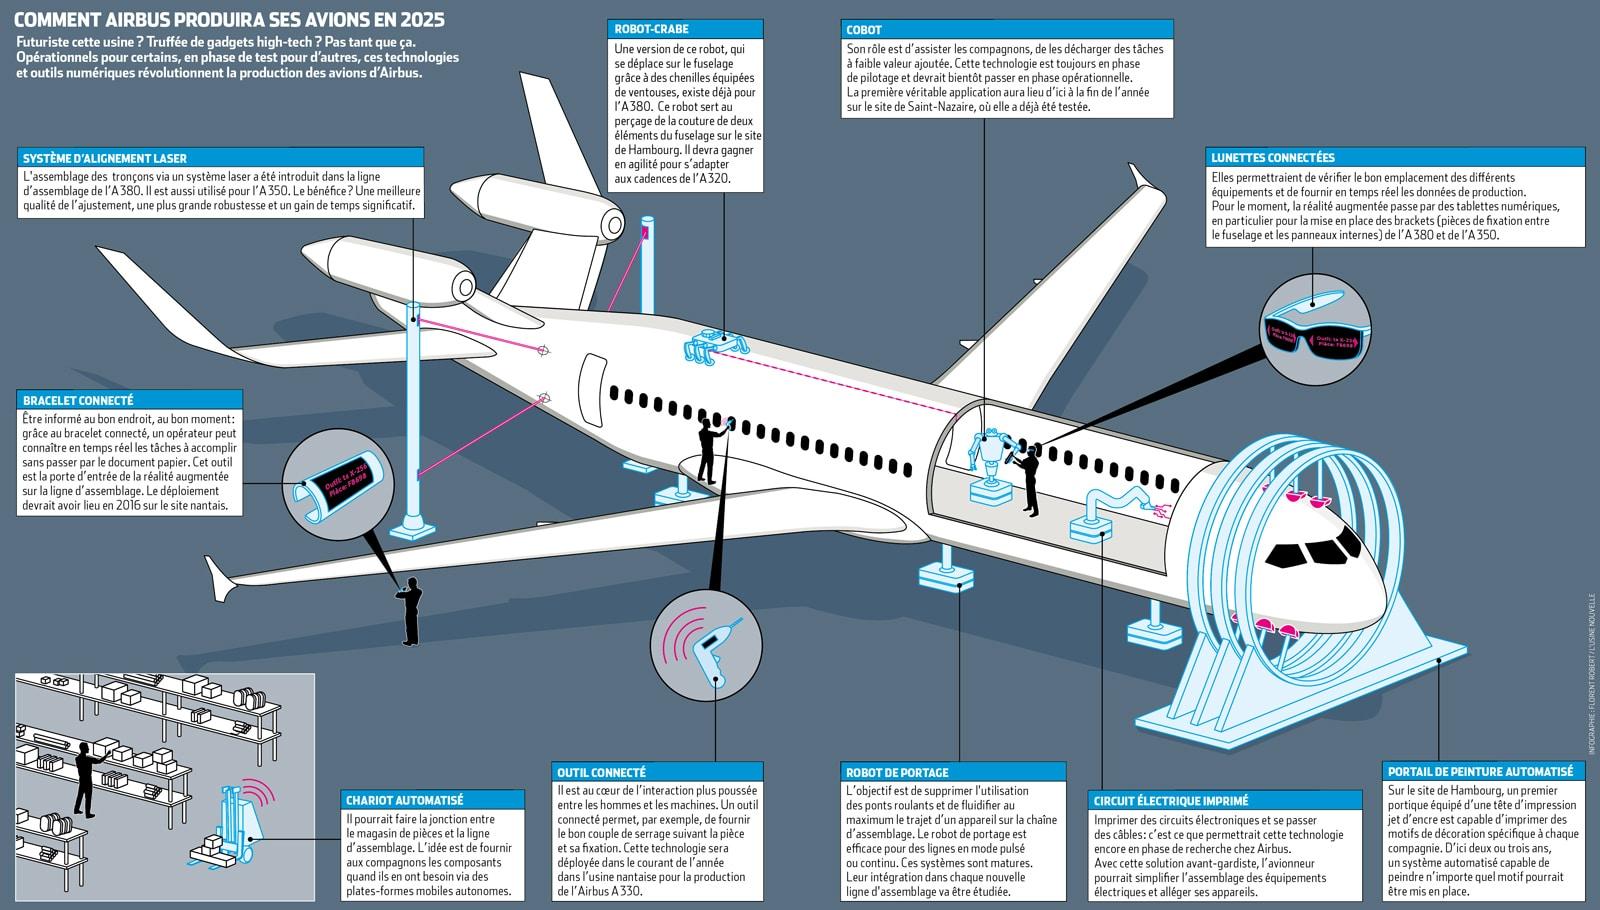 Nouveautés technique pour assembler un Airbus